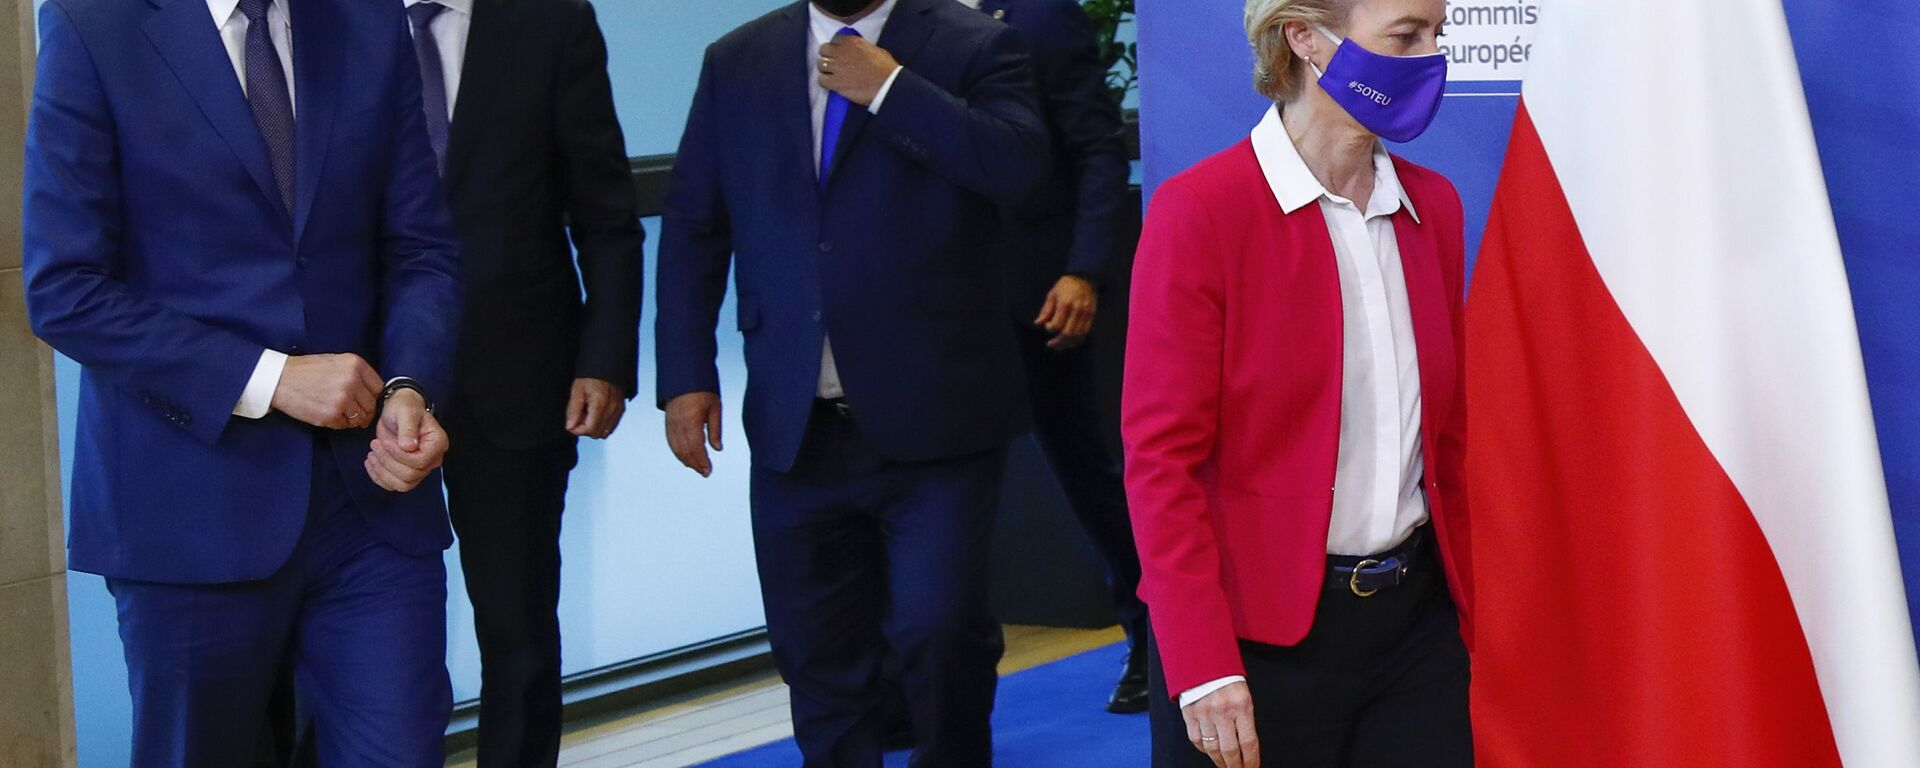 Mateusz Morawiecki, Andrej Babiš a Viktor Orban a předseda Evropské komise Ursula von der Leyenová v Bruselu - Sputnik Česká republika, 1920, 10.02.2021